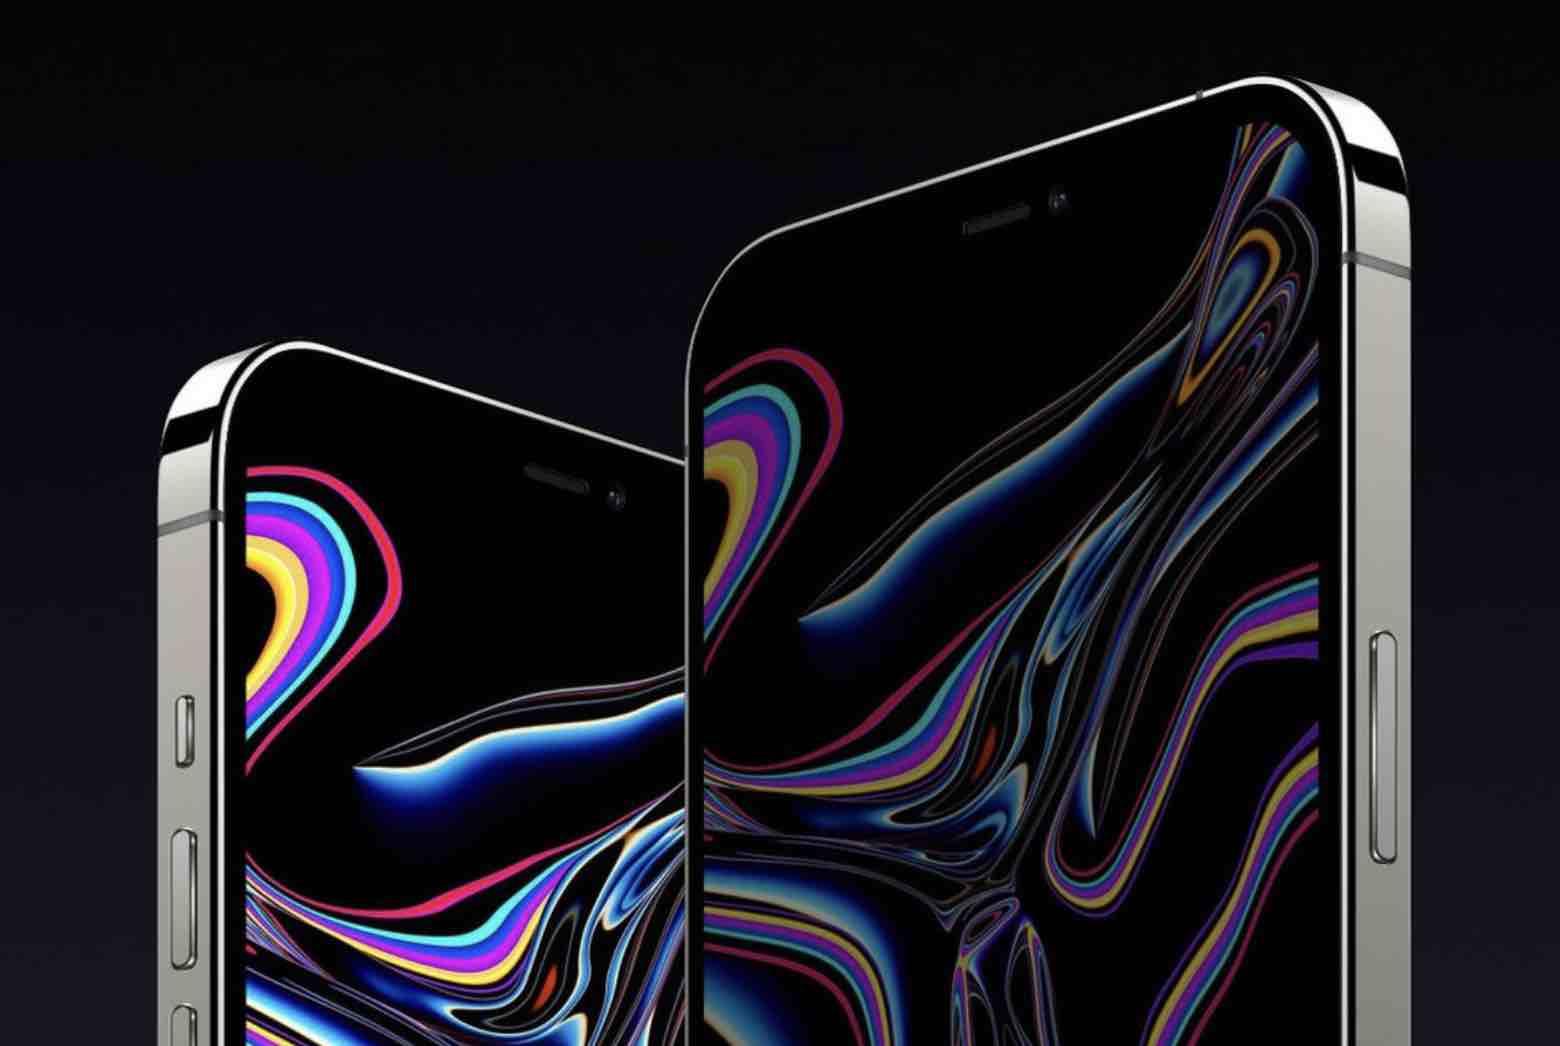 Stiahnite si nádherné Pro Display XDR pozadie na váš iPhone